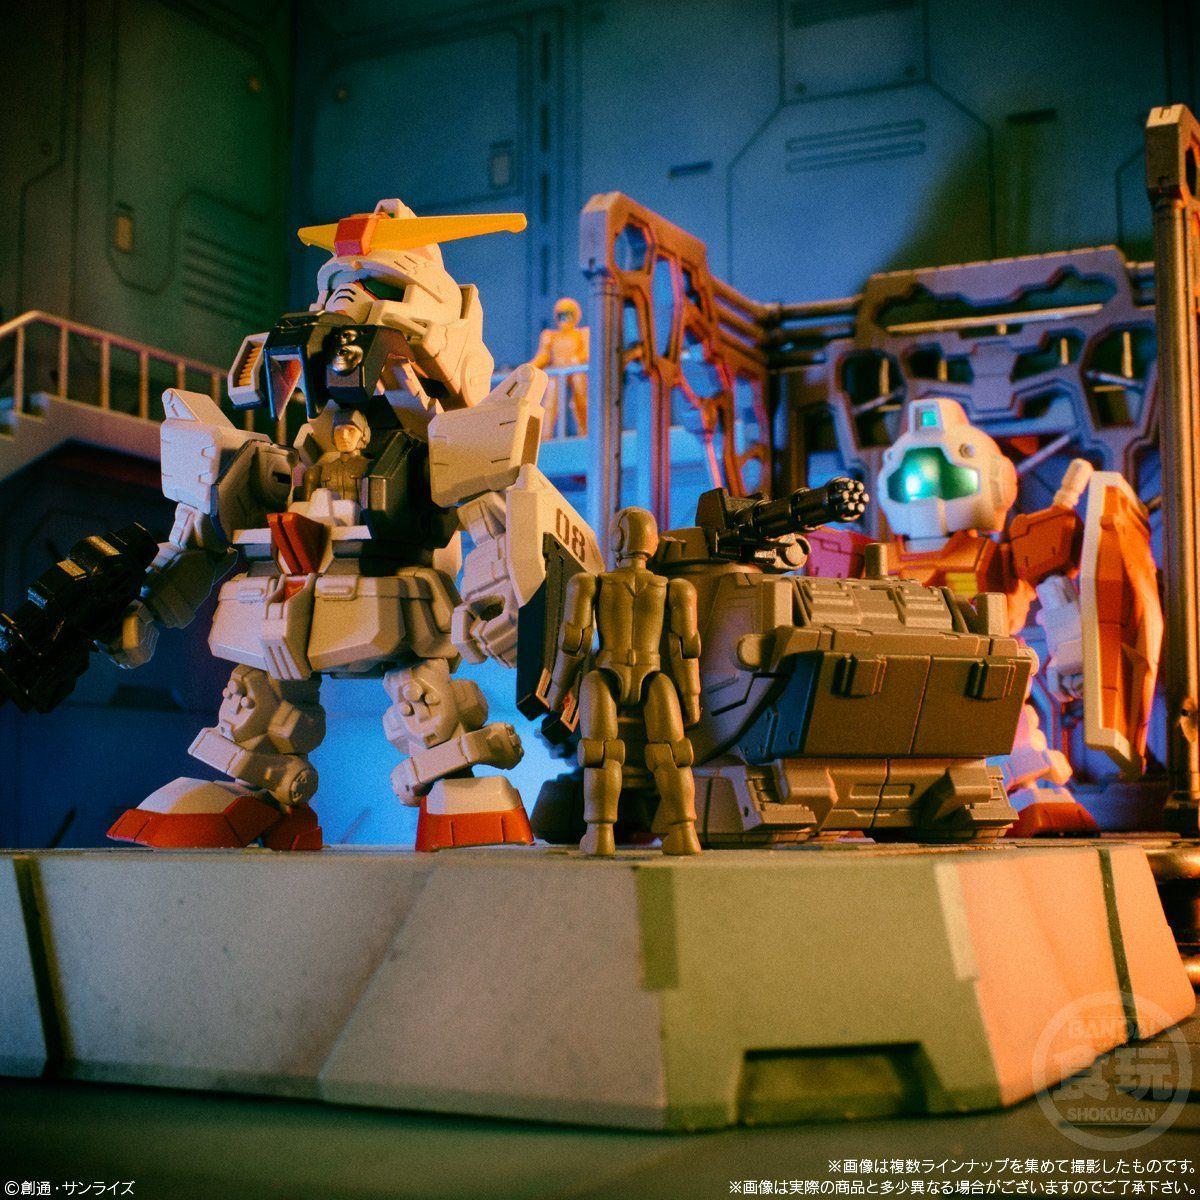 【食玩】機動戦士ガンダム『マイクロウォーズ2』10個入りBOX-008